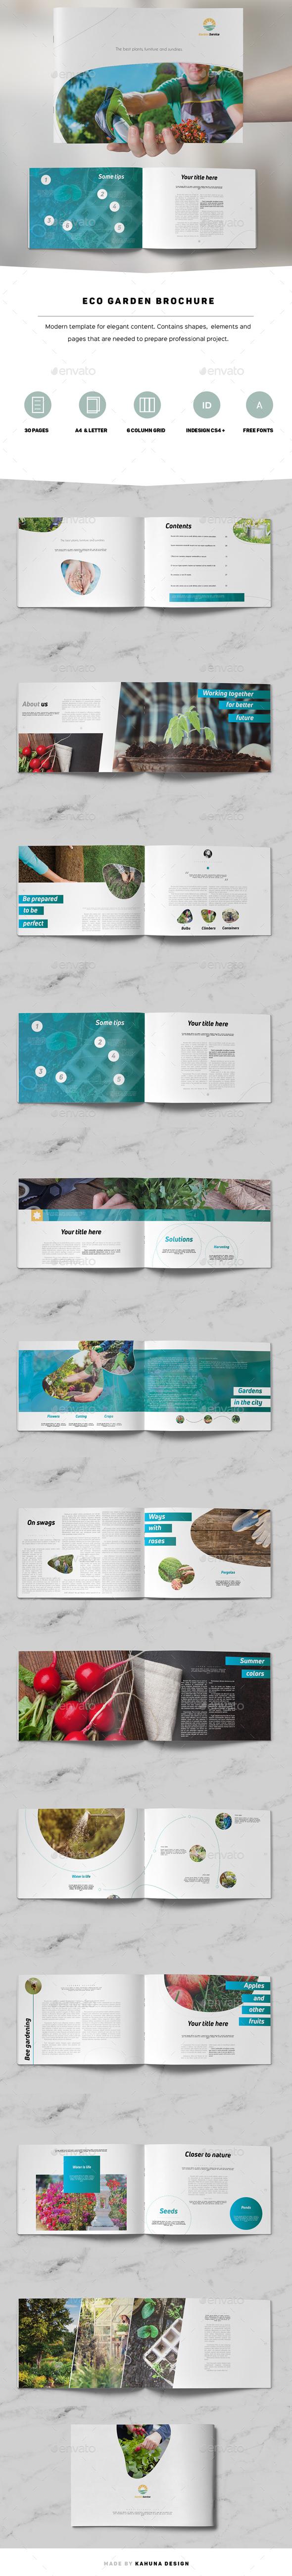 Eco Garden Brochure Landscape - Informational Brochures